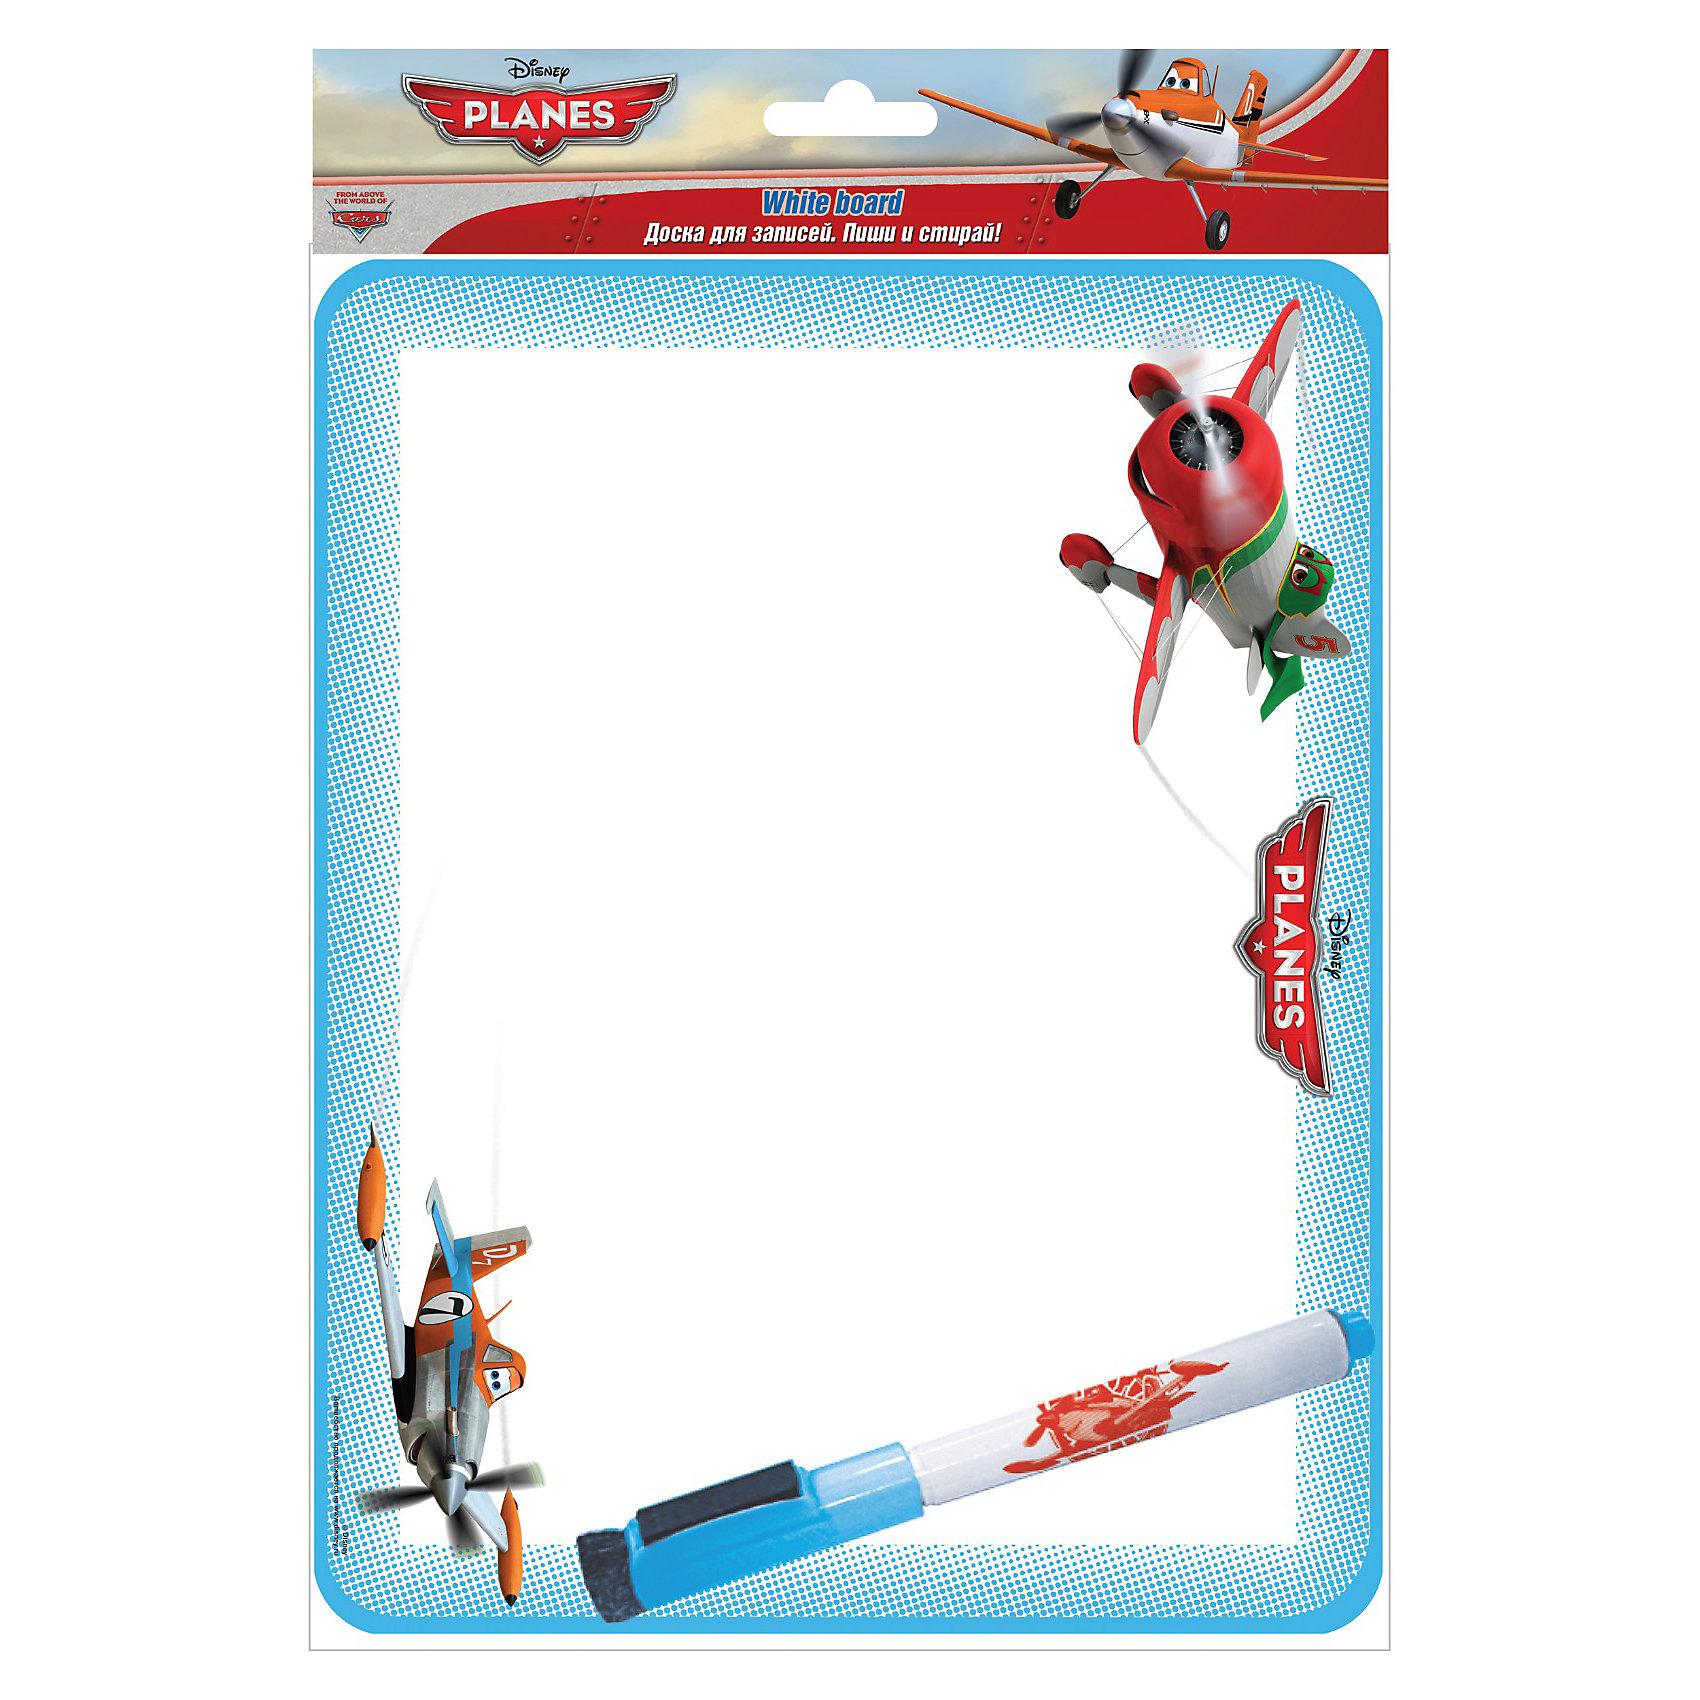 Доска Пиши-стирай малая на магнитахДоска Пиши-стирай малая на магнитах для крепления на холодильник  с изображениями героев диснеевского мультфильма Самолеты станет приятным и удобным аксессуаром для рисования Вашего ребенка! В наборе: маркер, ластик, магнит. <br><br>Дополнительная информация:<br><br>- на веревочке.<br>- размер 21 х 27 х 2,5 см.<br><br>Подарит радость творчества!<br><br>Доску Пиши-стирай малая на магнитах, Самолеты можно купить в нашем магазине.<br><br>Ширина мм: 210<br>Глубина мм: 270<br>Высота мм: 25<br>Вес г: 250<br>Возраст от месяцев: 48<br>Возраст до месяцев: 84<br>Пол: Мужской<br>Возраст: Детский<br>SKU: 3563016